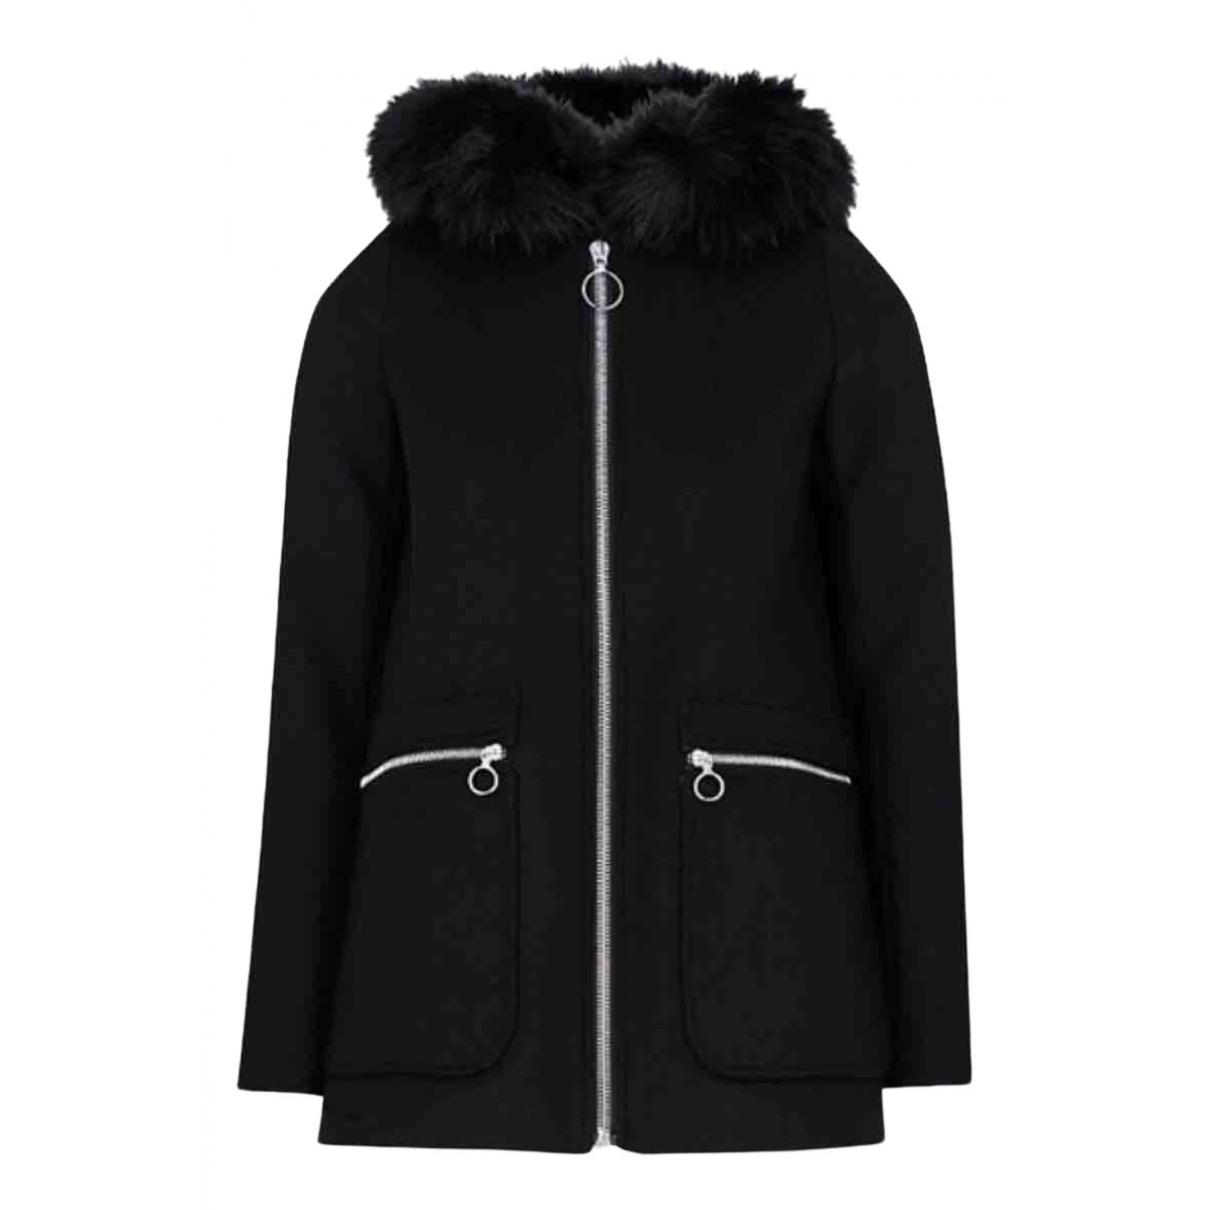 Maje N Black Wool coat for Women 36 FR